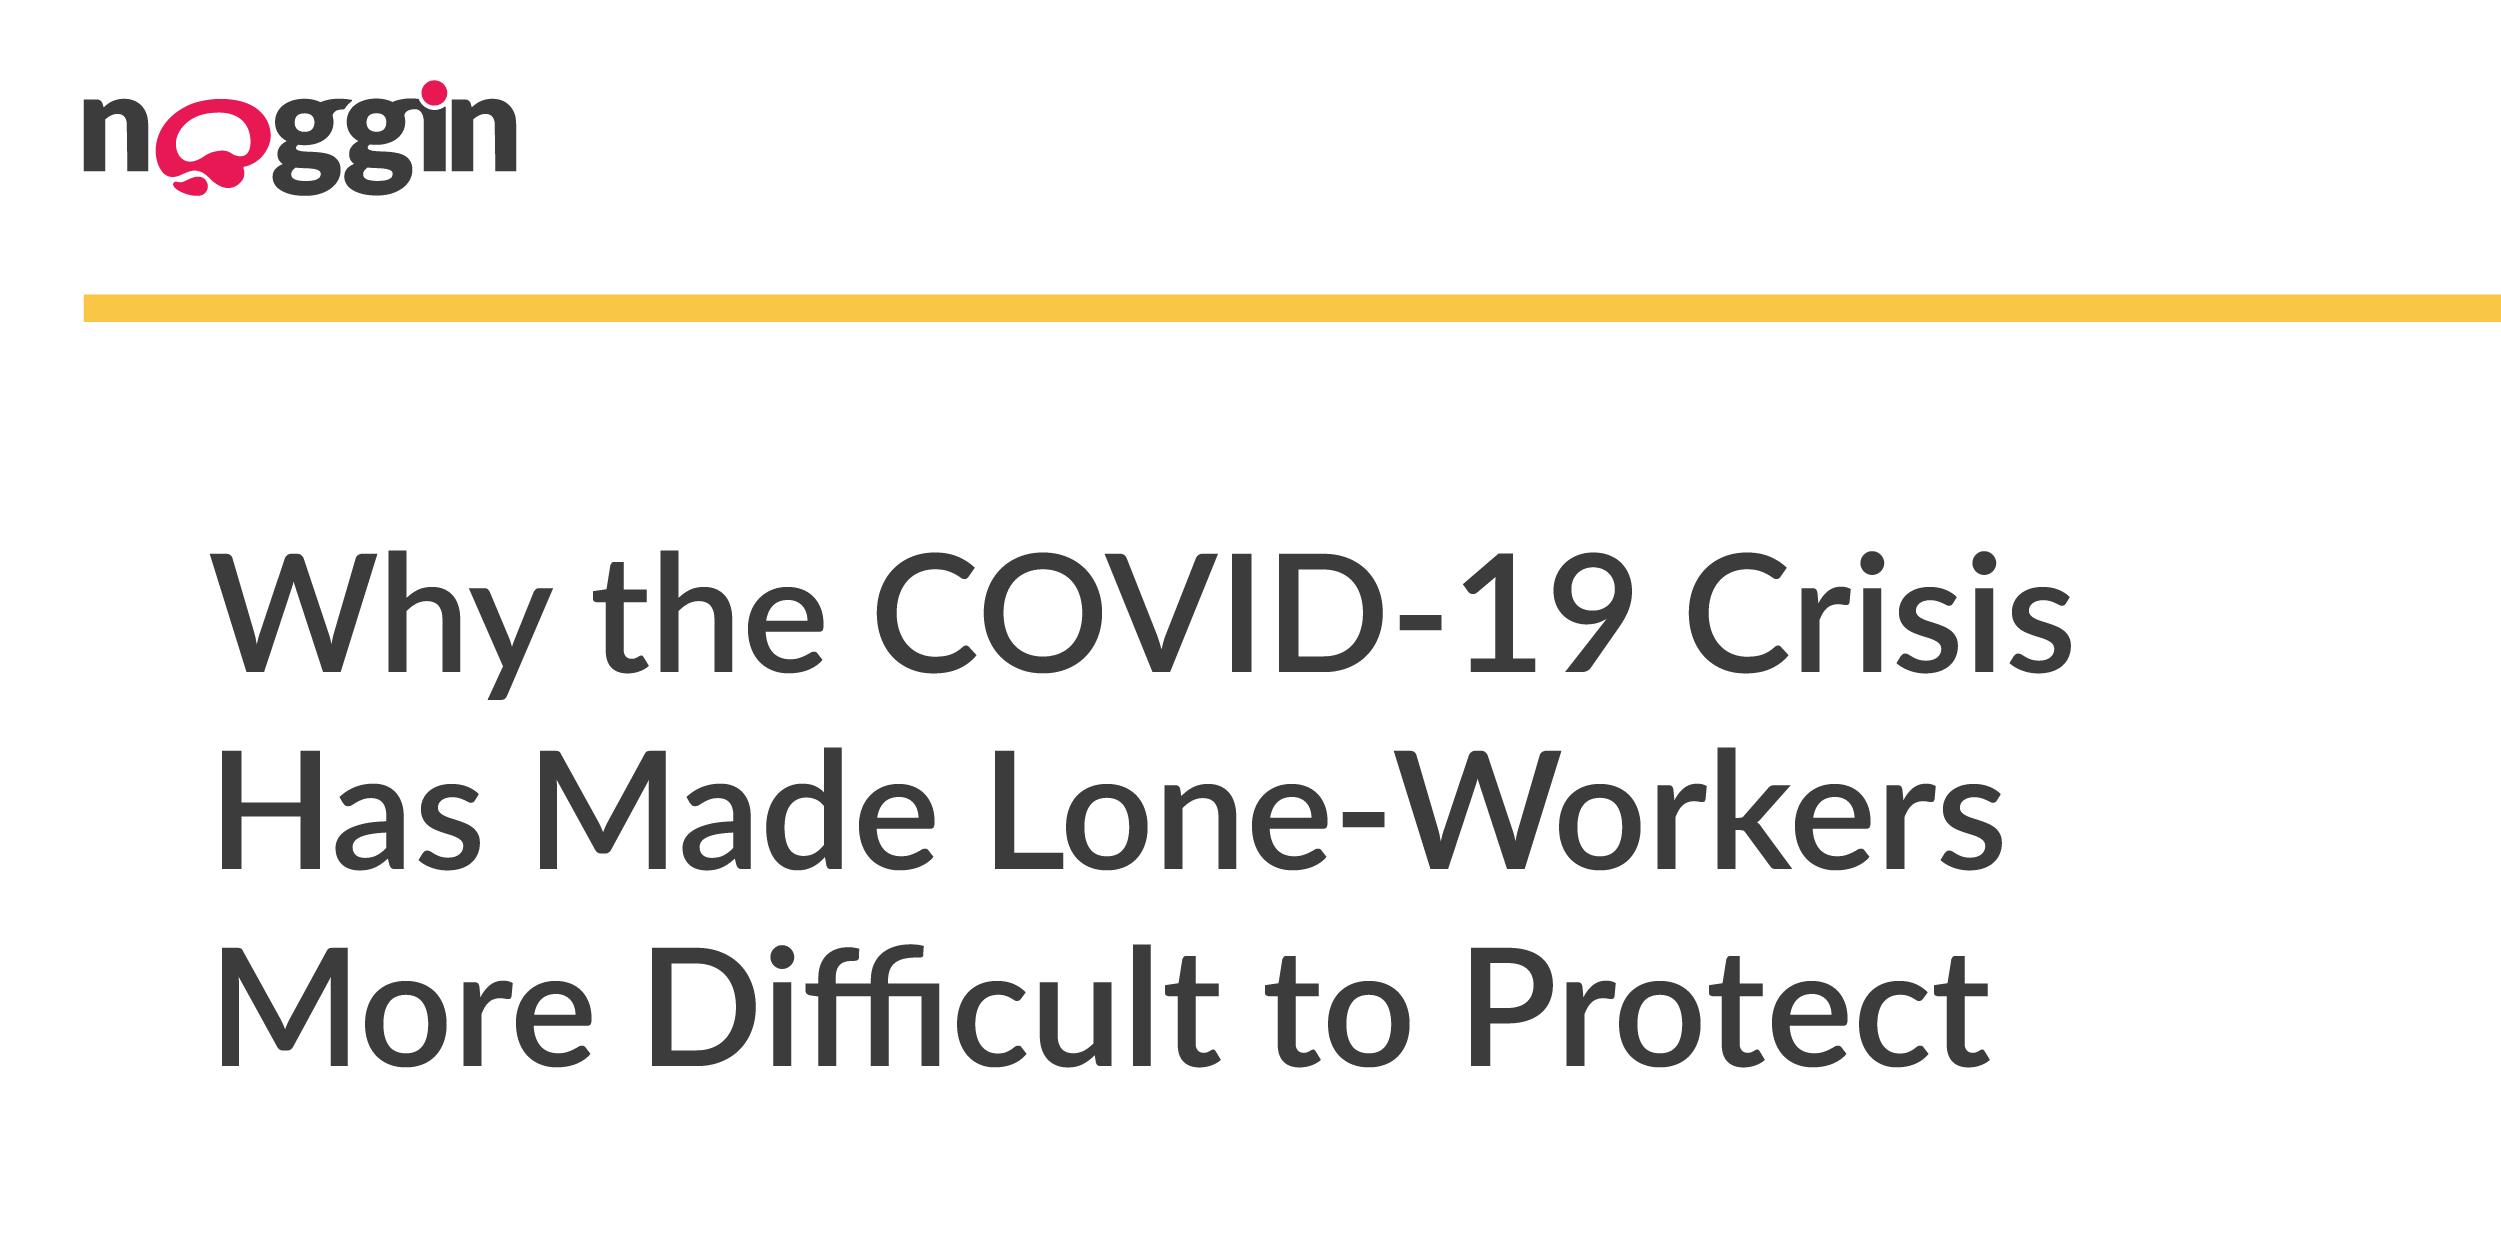 MKT-452 - Safety Newsletter Graphic - 12 Aug 2020-02